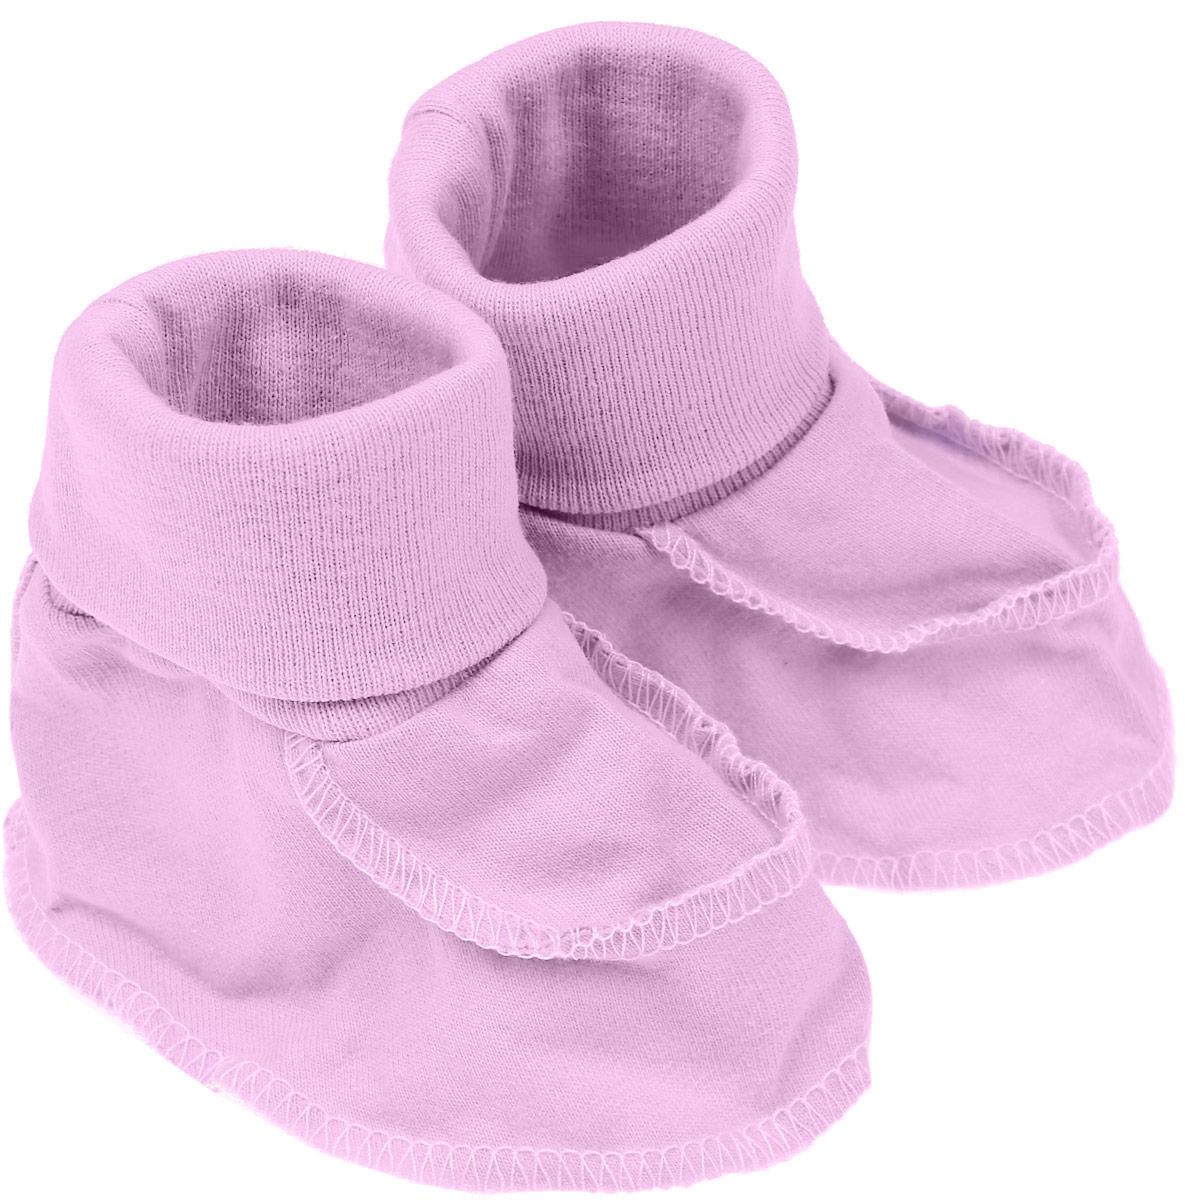 Пинетки5902Пинетки Чудесные одежки изготовлены из натурального хлопка. Они не раздражают нежную кожу ребенка. Широкая эластичная резинке не стягивают ножки. Швы в пинетках выполнены на лицевую сторону.